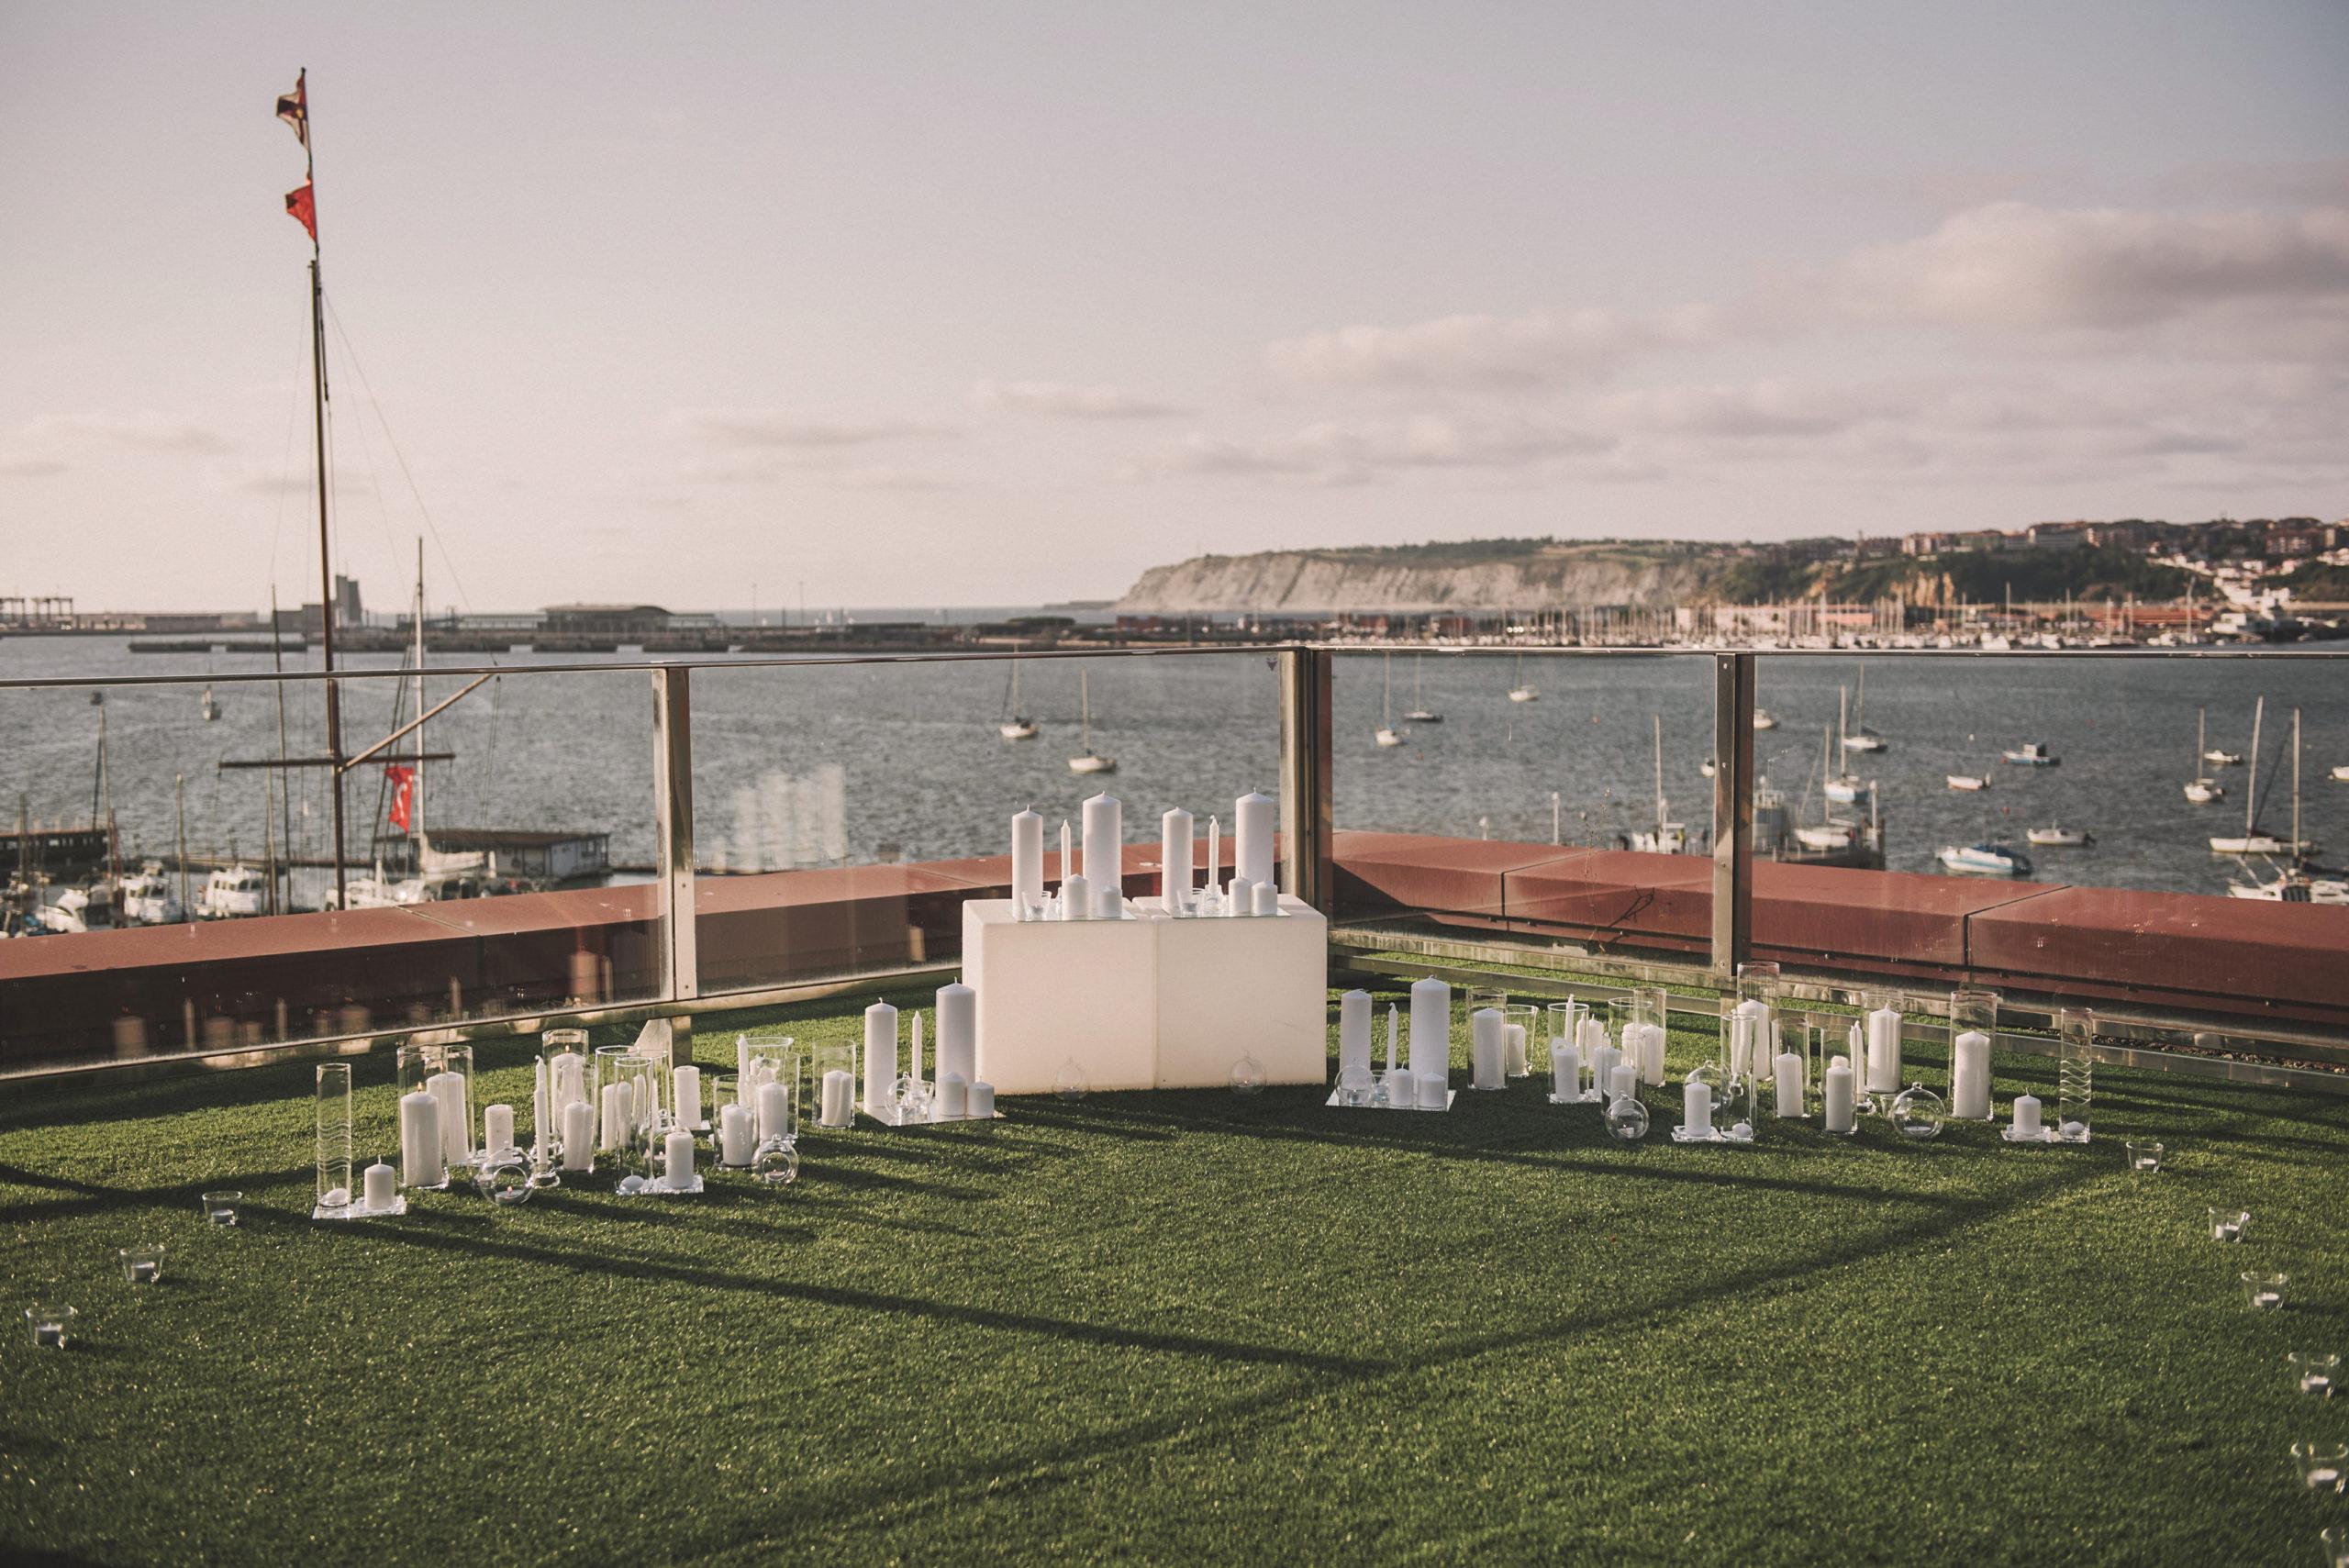 Altar para pedida de mano con velas y frente al mar